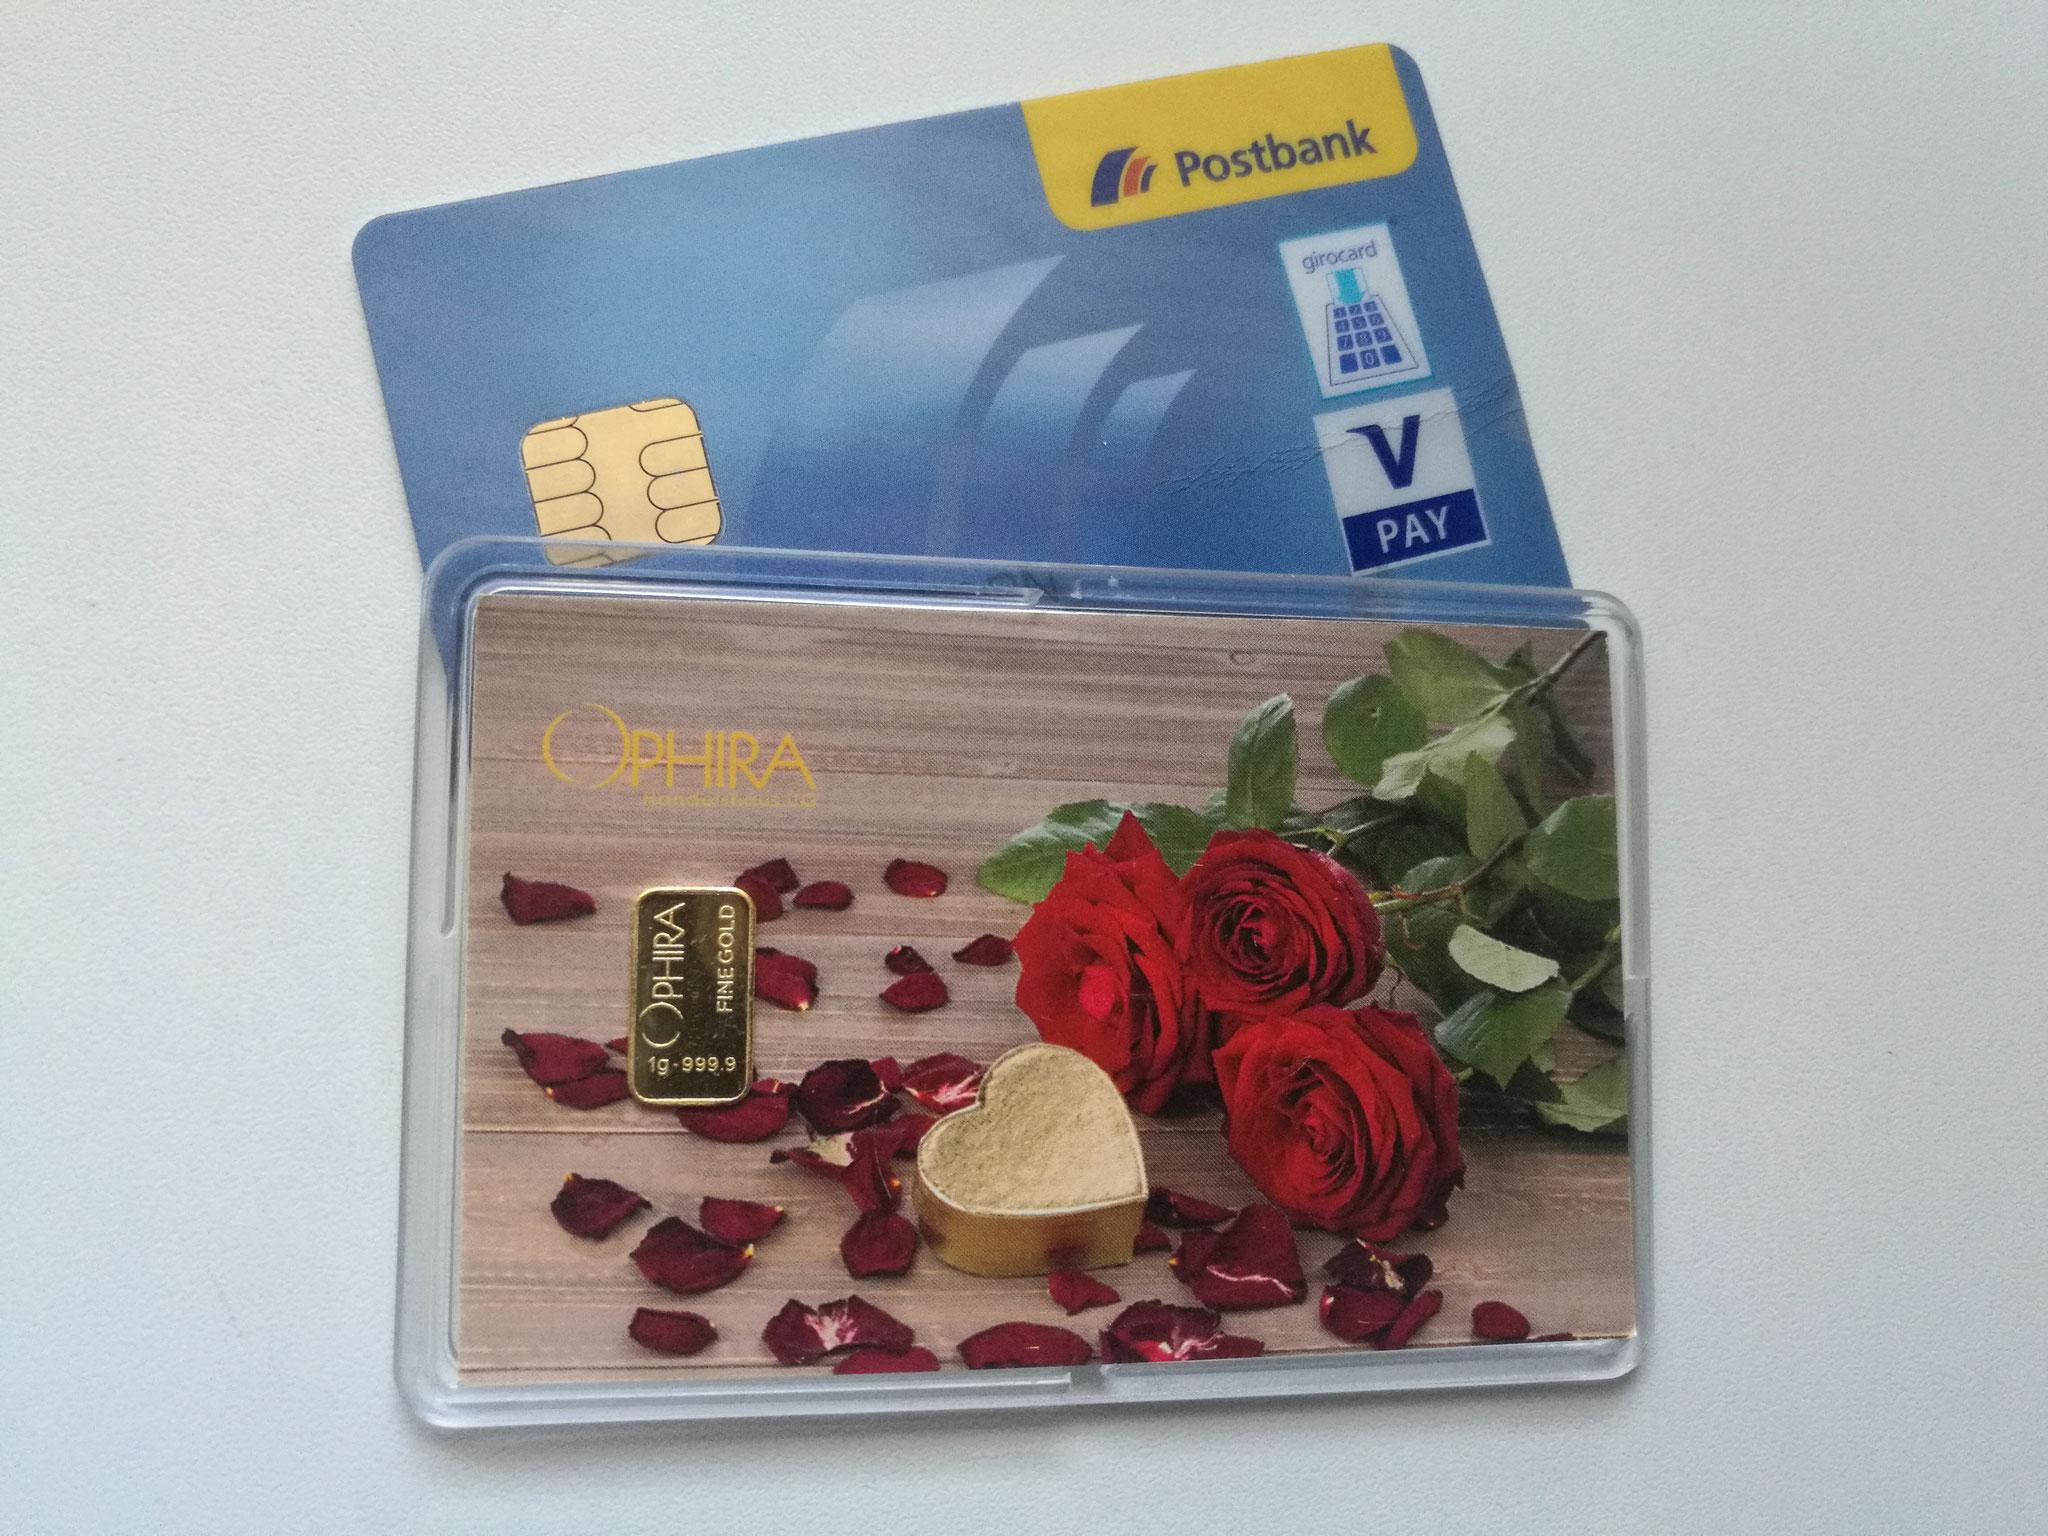 Größenvergleich Geschenkbarren Motivbarren und Bankkarte